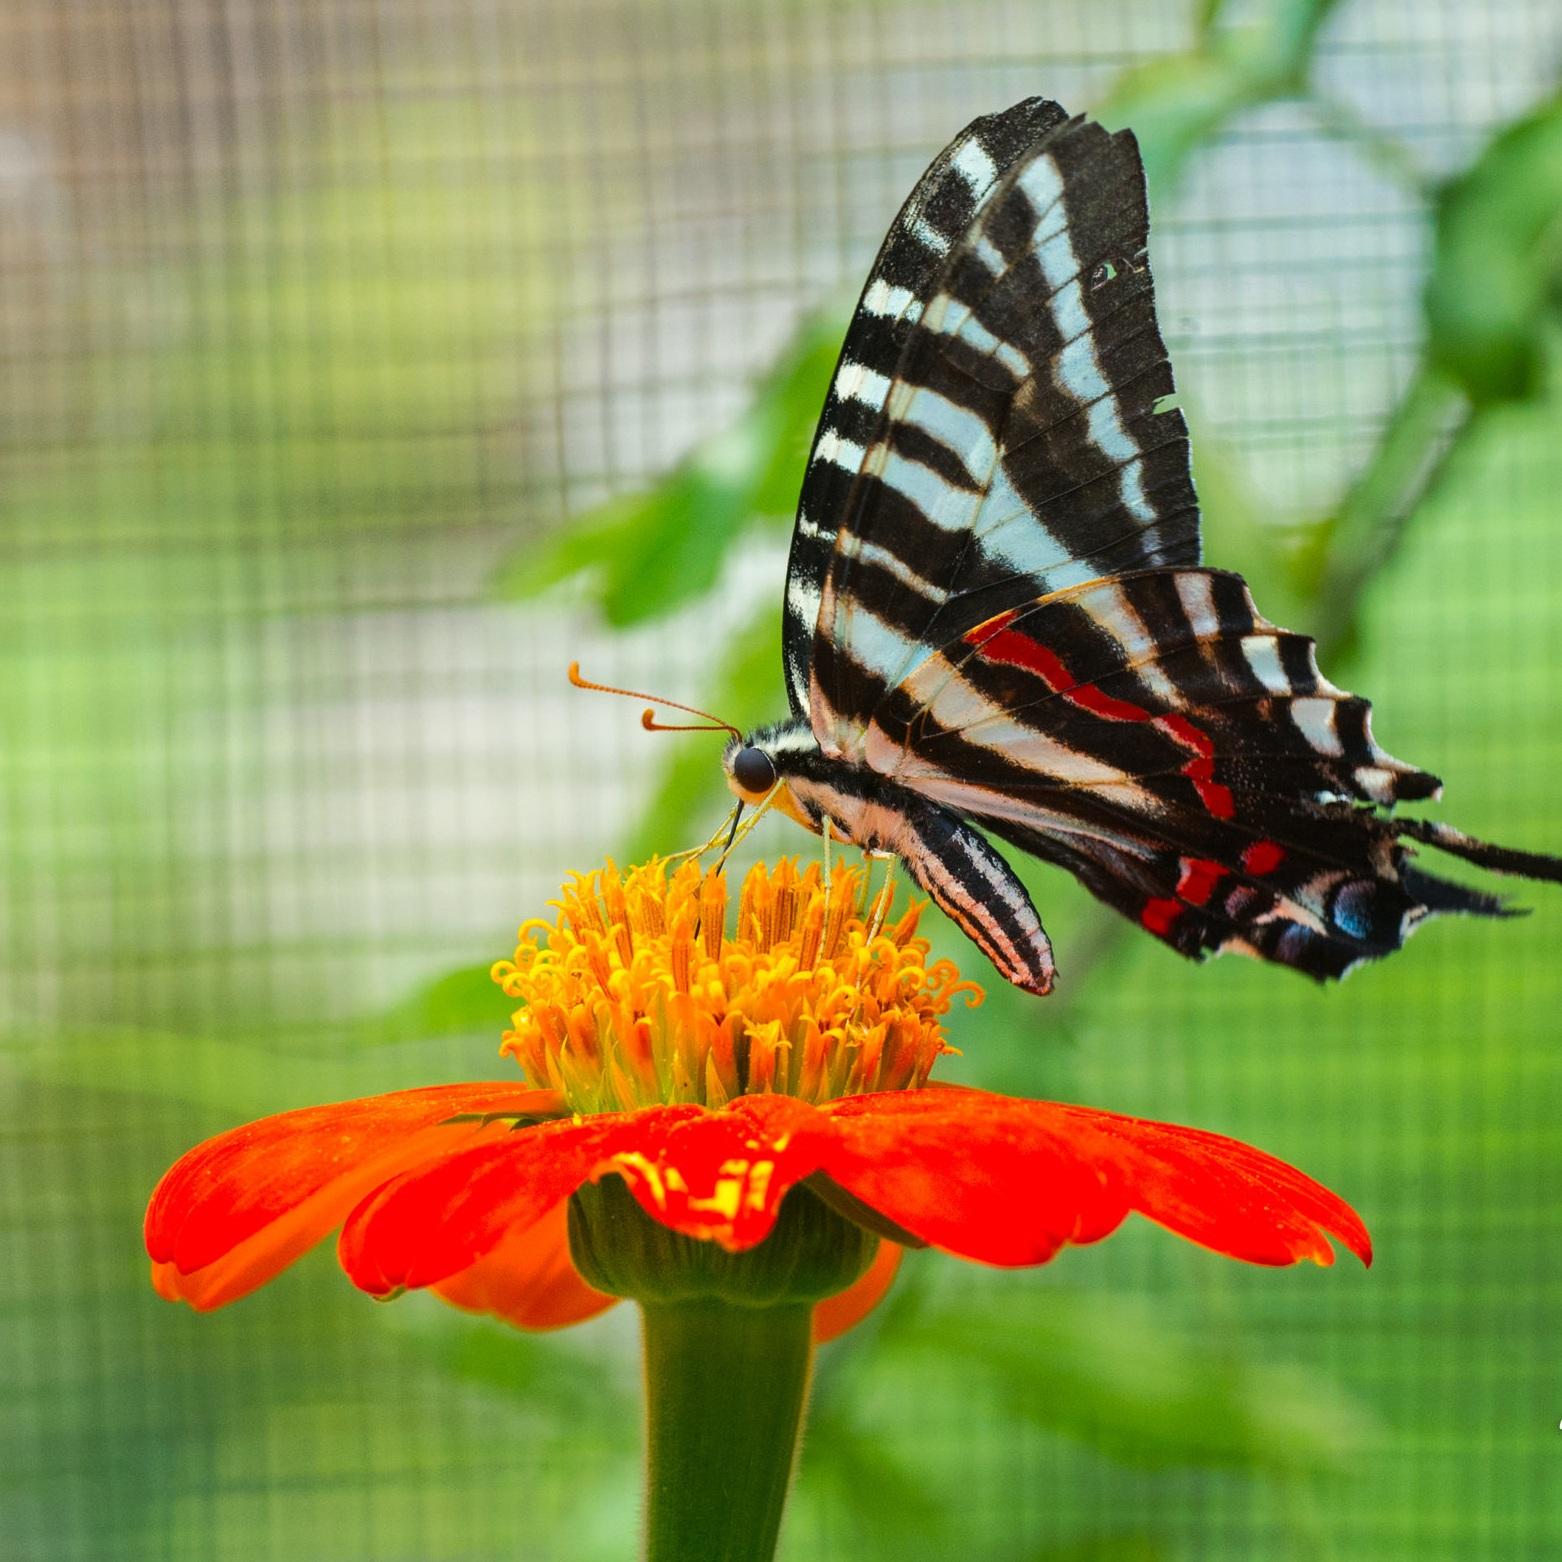 Butterflies+and+Catepillars-5413.jpg